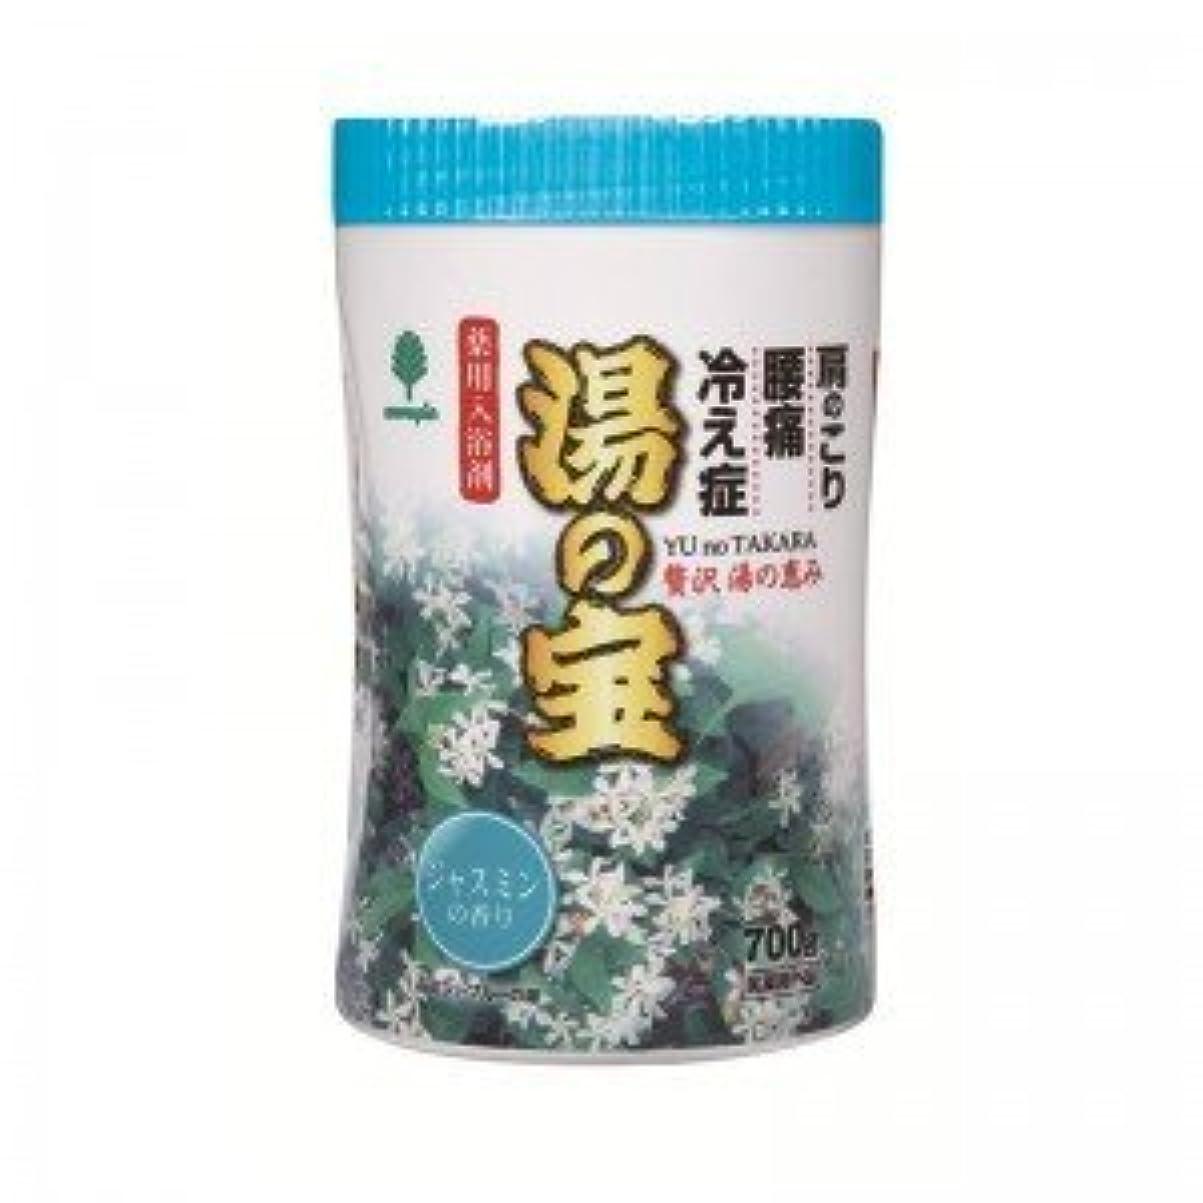 エンジニア湿ったドット紀陽除虫菊 湯の宝 ジャスミンの香り (丸ボトル) 700g【まとめ買い15個セット】 N-0067